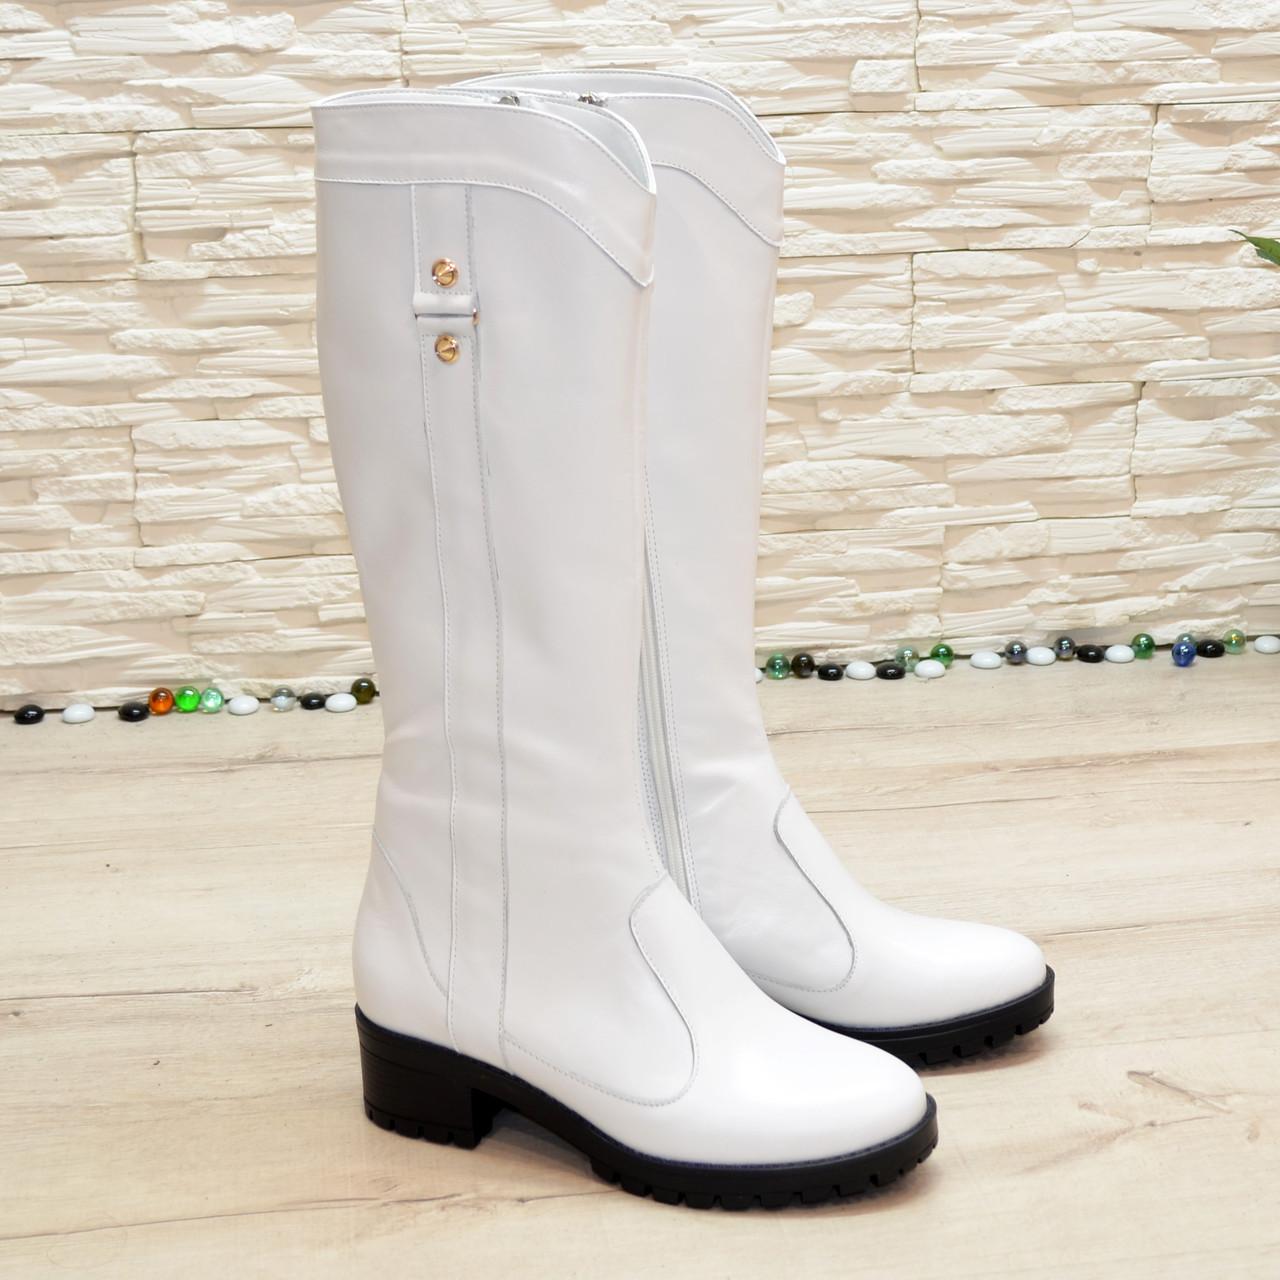 Сапоги женские кожаные белые на невысоком каблуке